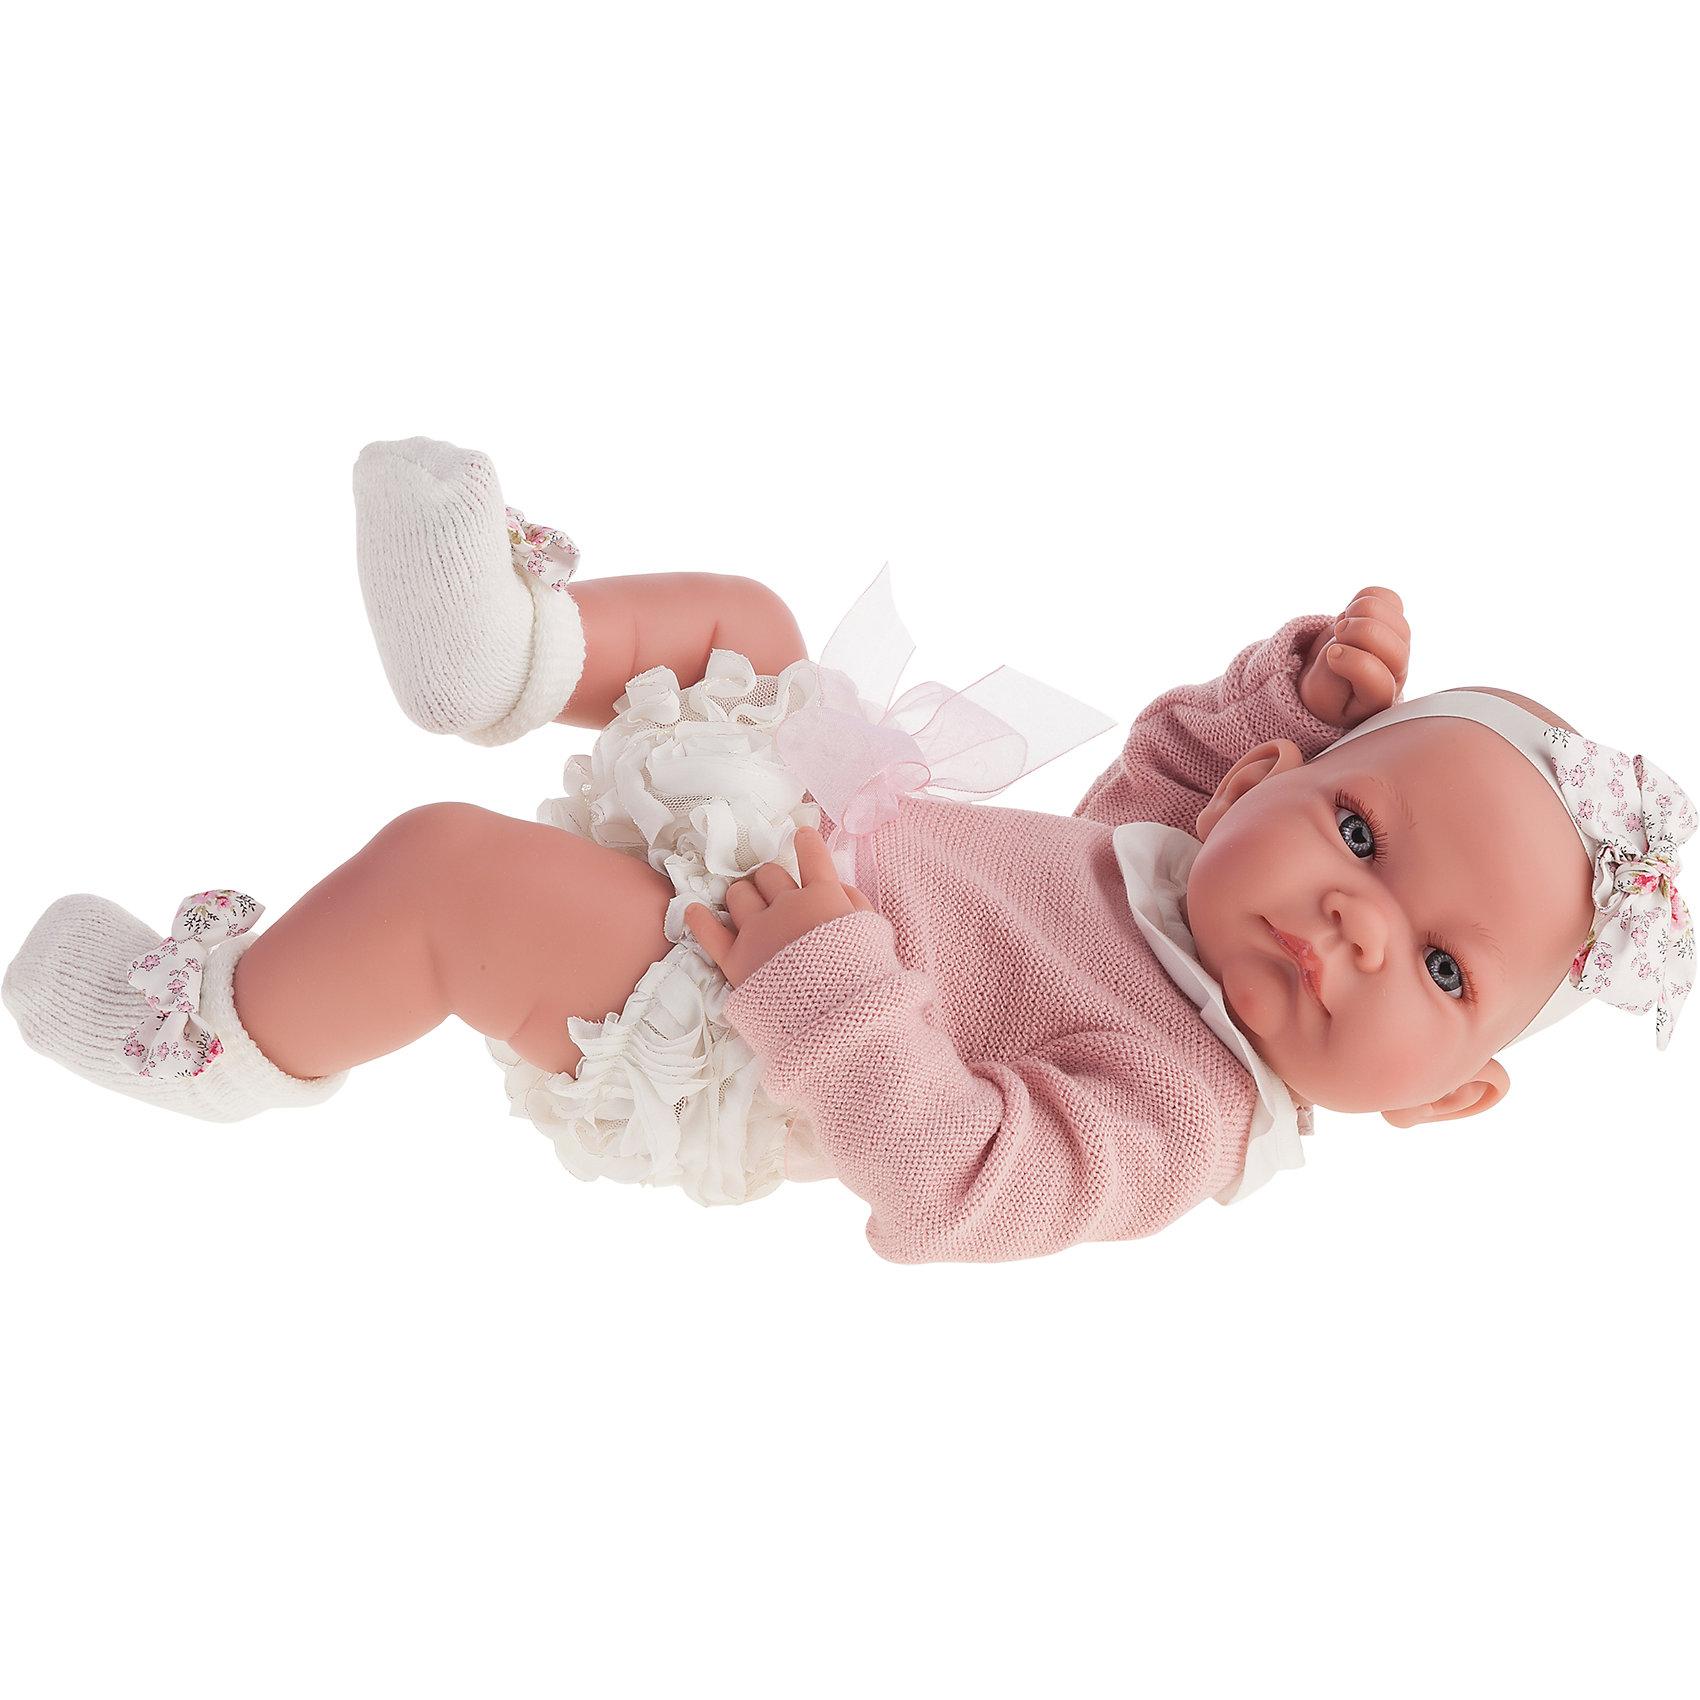 Кукла-младенец Эмма, 42 см, Munecas Antonio JuanКукла-младенец Эмма, 42 см, Munecas Antonio Juan (Мунекас от Антонио Хуан) ? это очаровательная малышка от всемирно известного испанского бренда Мунекас от Антонио Хуан, который знаменит своими реалистичными куклами. Кукла изготовлена из винила высшего качества, ручки и ножки подвижны, голова поворачивается в стороны, глазки не закрываются. <br>Нежные черты лица, розовые щечки, пухленькие губки, курносый носик.  <br>Кукла-младенец Эмма, 42 см, Munecas Antonio Juan (Мунекас от Антонио Хуан) разработана с учетом анатомических особенностей и мимики младенцев. Играя с пупсом, ваш ребенок реалистично проживает роль «мамы», учится ухаживать за малышом, заботиться о нем.<br>Эмма одета в ажурные трусики, розовую кофточку, на ножках носочки, на голове стильная повязка.<br>Куклы JUAN ANTONIO munecas (Мунекас от Антонио Хуан) ? мечта девочки любого возраста!<br><br>Дополнительная информация:<br><br>- Вид игр: сюжетно-ролевые игры <br>- Материал: винил, текстиль<br>- Высота куклы: 42 см<br>- Особенности ухода: одежда ? ручная стирка, куклу можно купать <br><br>Подробнее:<br><br>• Для детей в возрасте: от 3 лет и до 6 лет<br>• Страна производитель: Испания<br>• Торговый бренд: JUAN ANTONIO munecas <br><br>Куклу-младенца Эмму, 42 см, Munecas Antonio Juan (Мунекас от Антонио Хуан) (Мунекас от Антонио Хуан) можно купить в нашем интернет-магазине.<br><br>Ширина мм: 505<br>Глубина мм: 265<br>Высота мм: 160<br>Вес г: 7300<br>Возраст от месяцев: 36<br>Возраст до месяцев: 72<br>Пол: Женский<br>Возраст: Детский<br>SKU: 4792900